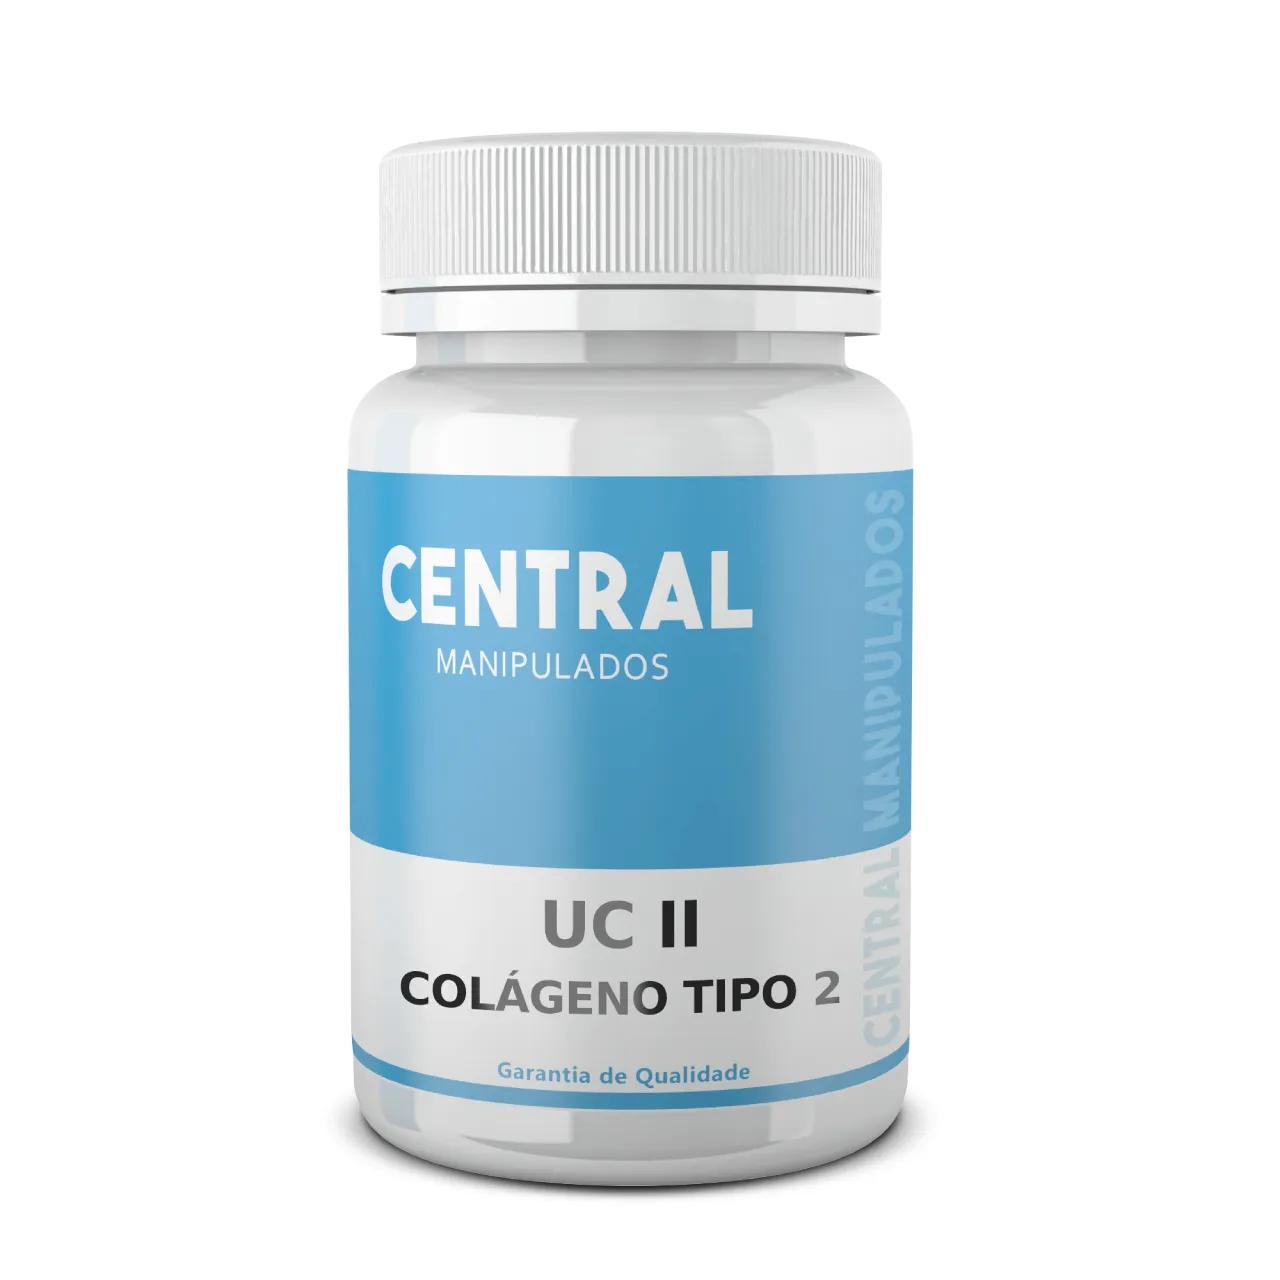 UC-II 40MG Colágeno Tipo II 60 cápsulas - Saúde dos ossos e articulações, Prevenção das doenças osteoarticulares